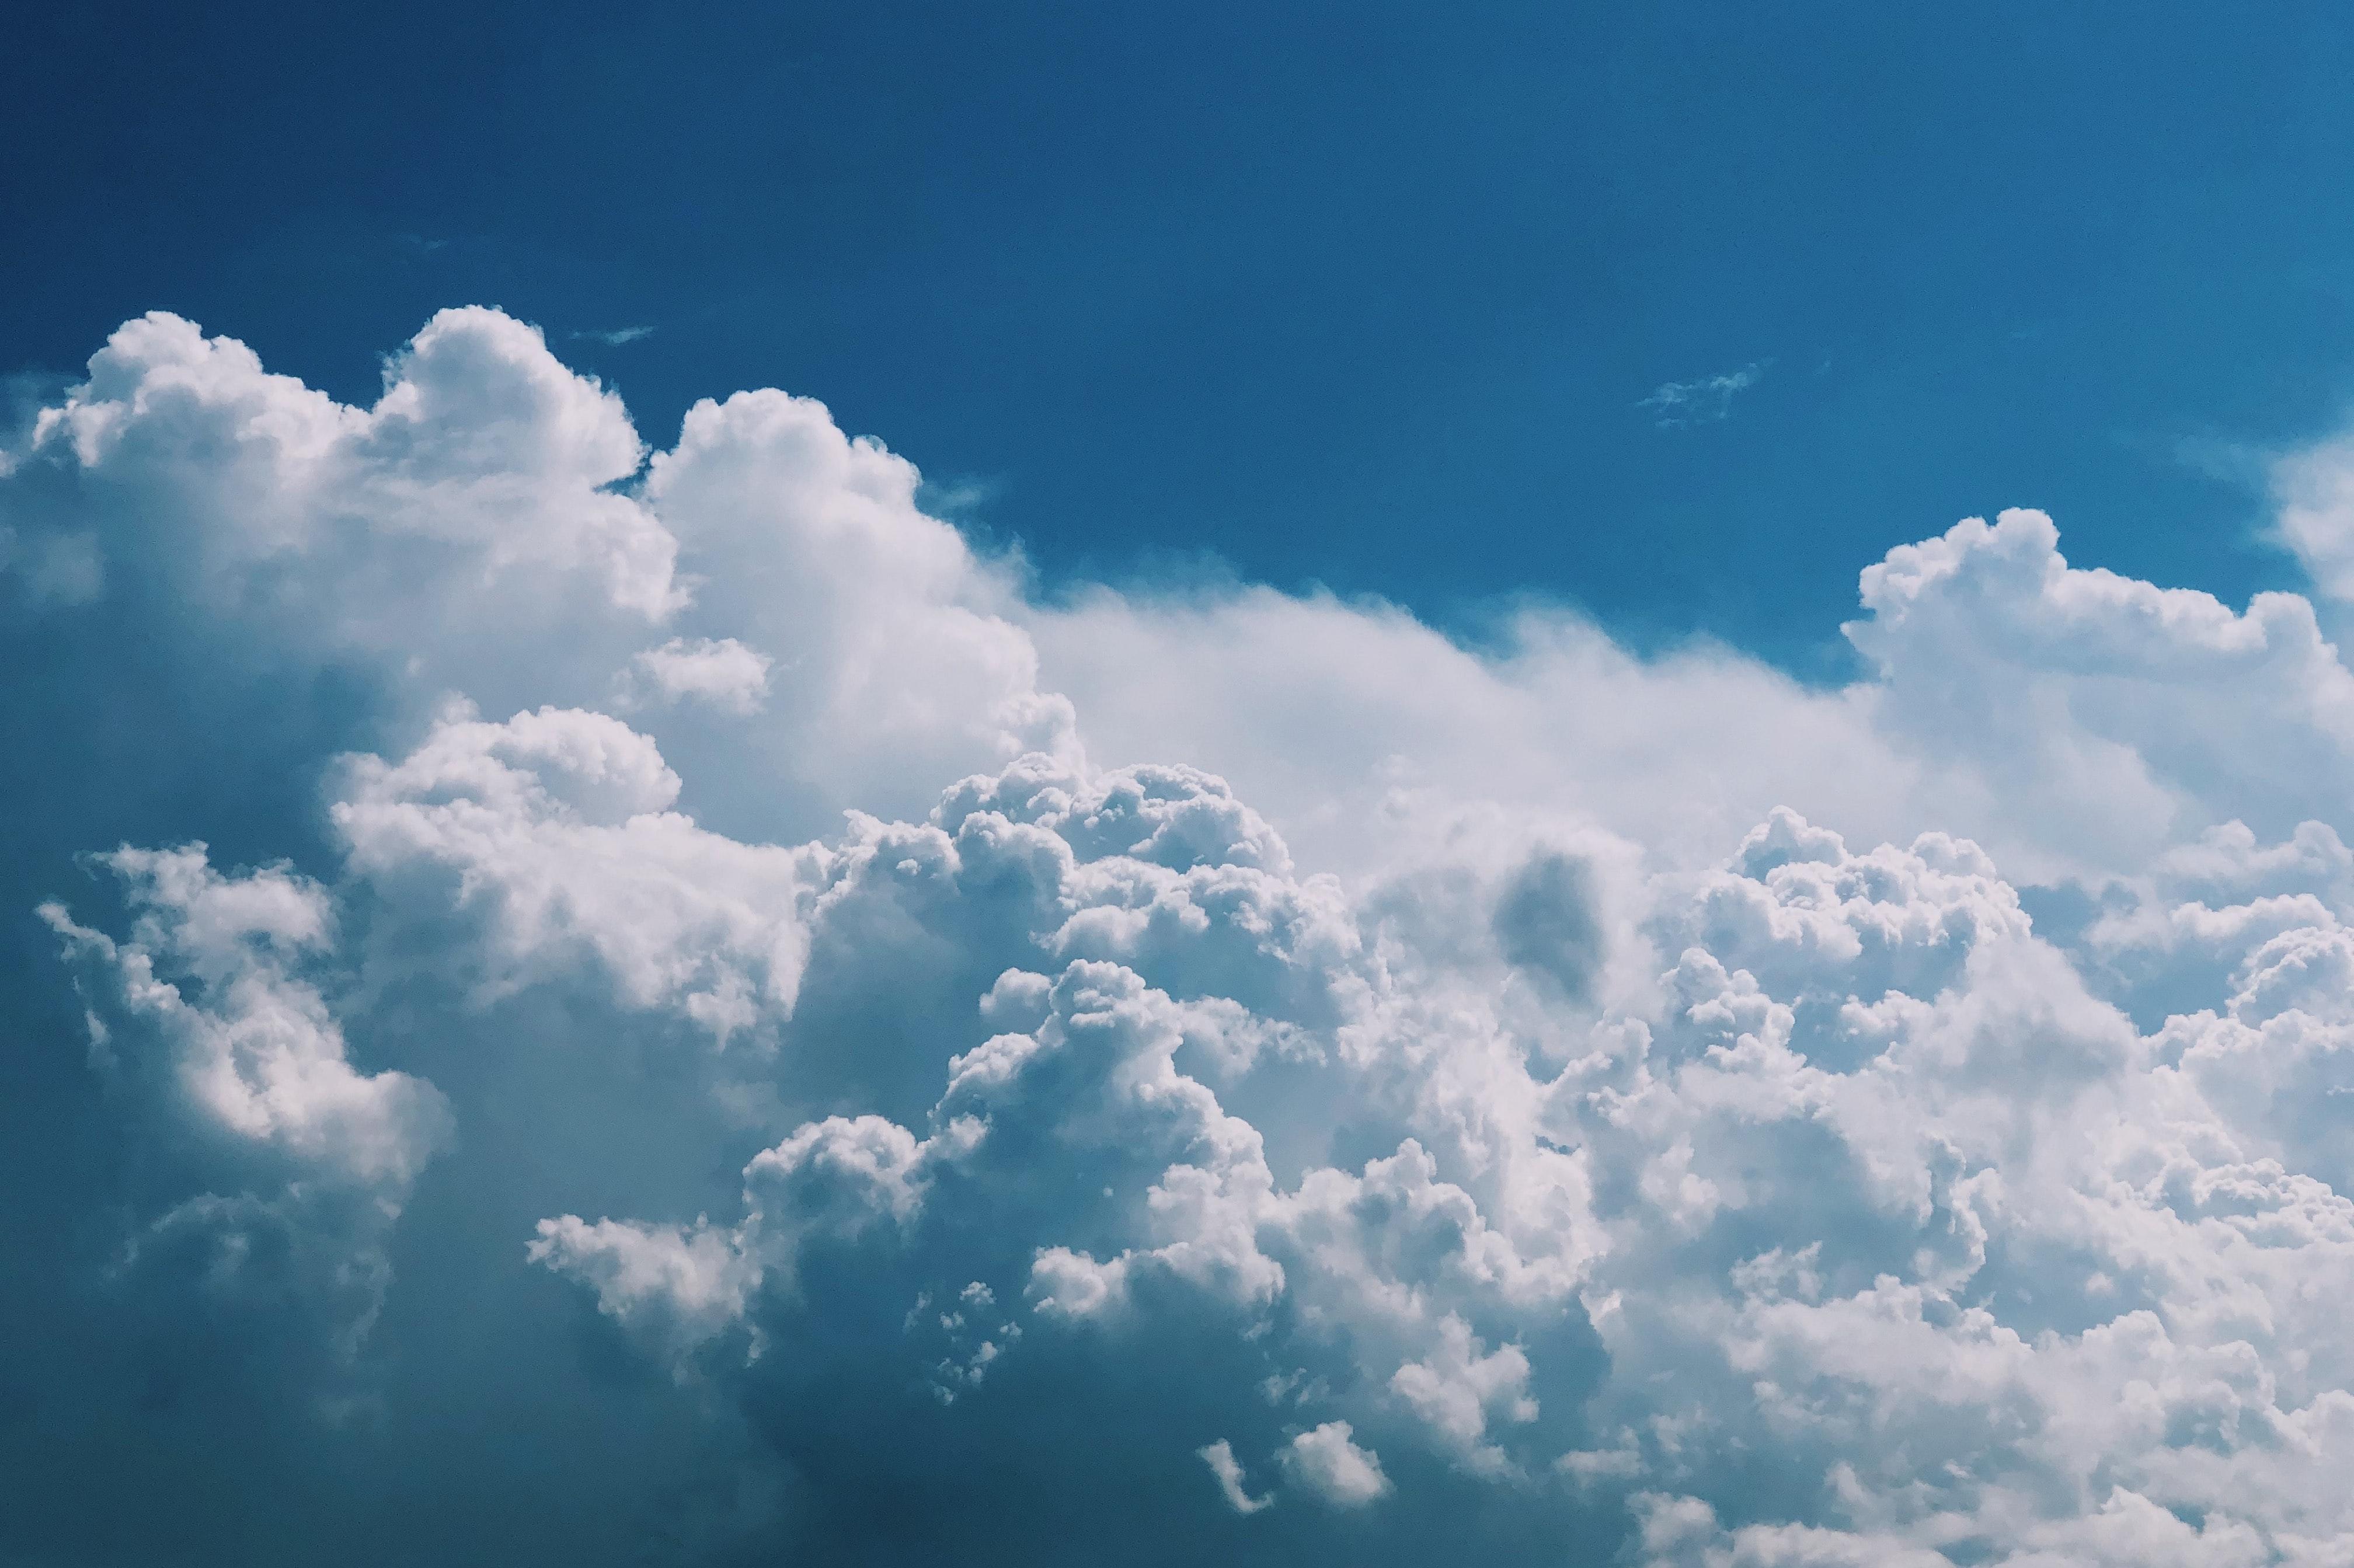 155571 скачать обои Природа, Облака, Небо, Красивый, Голубой - заставки и картинки бесплатно